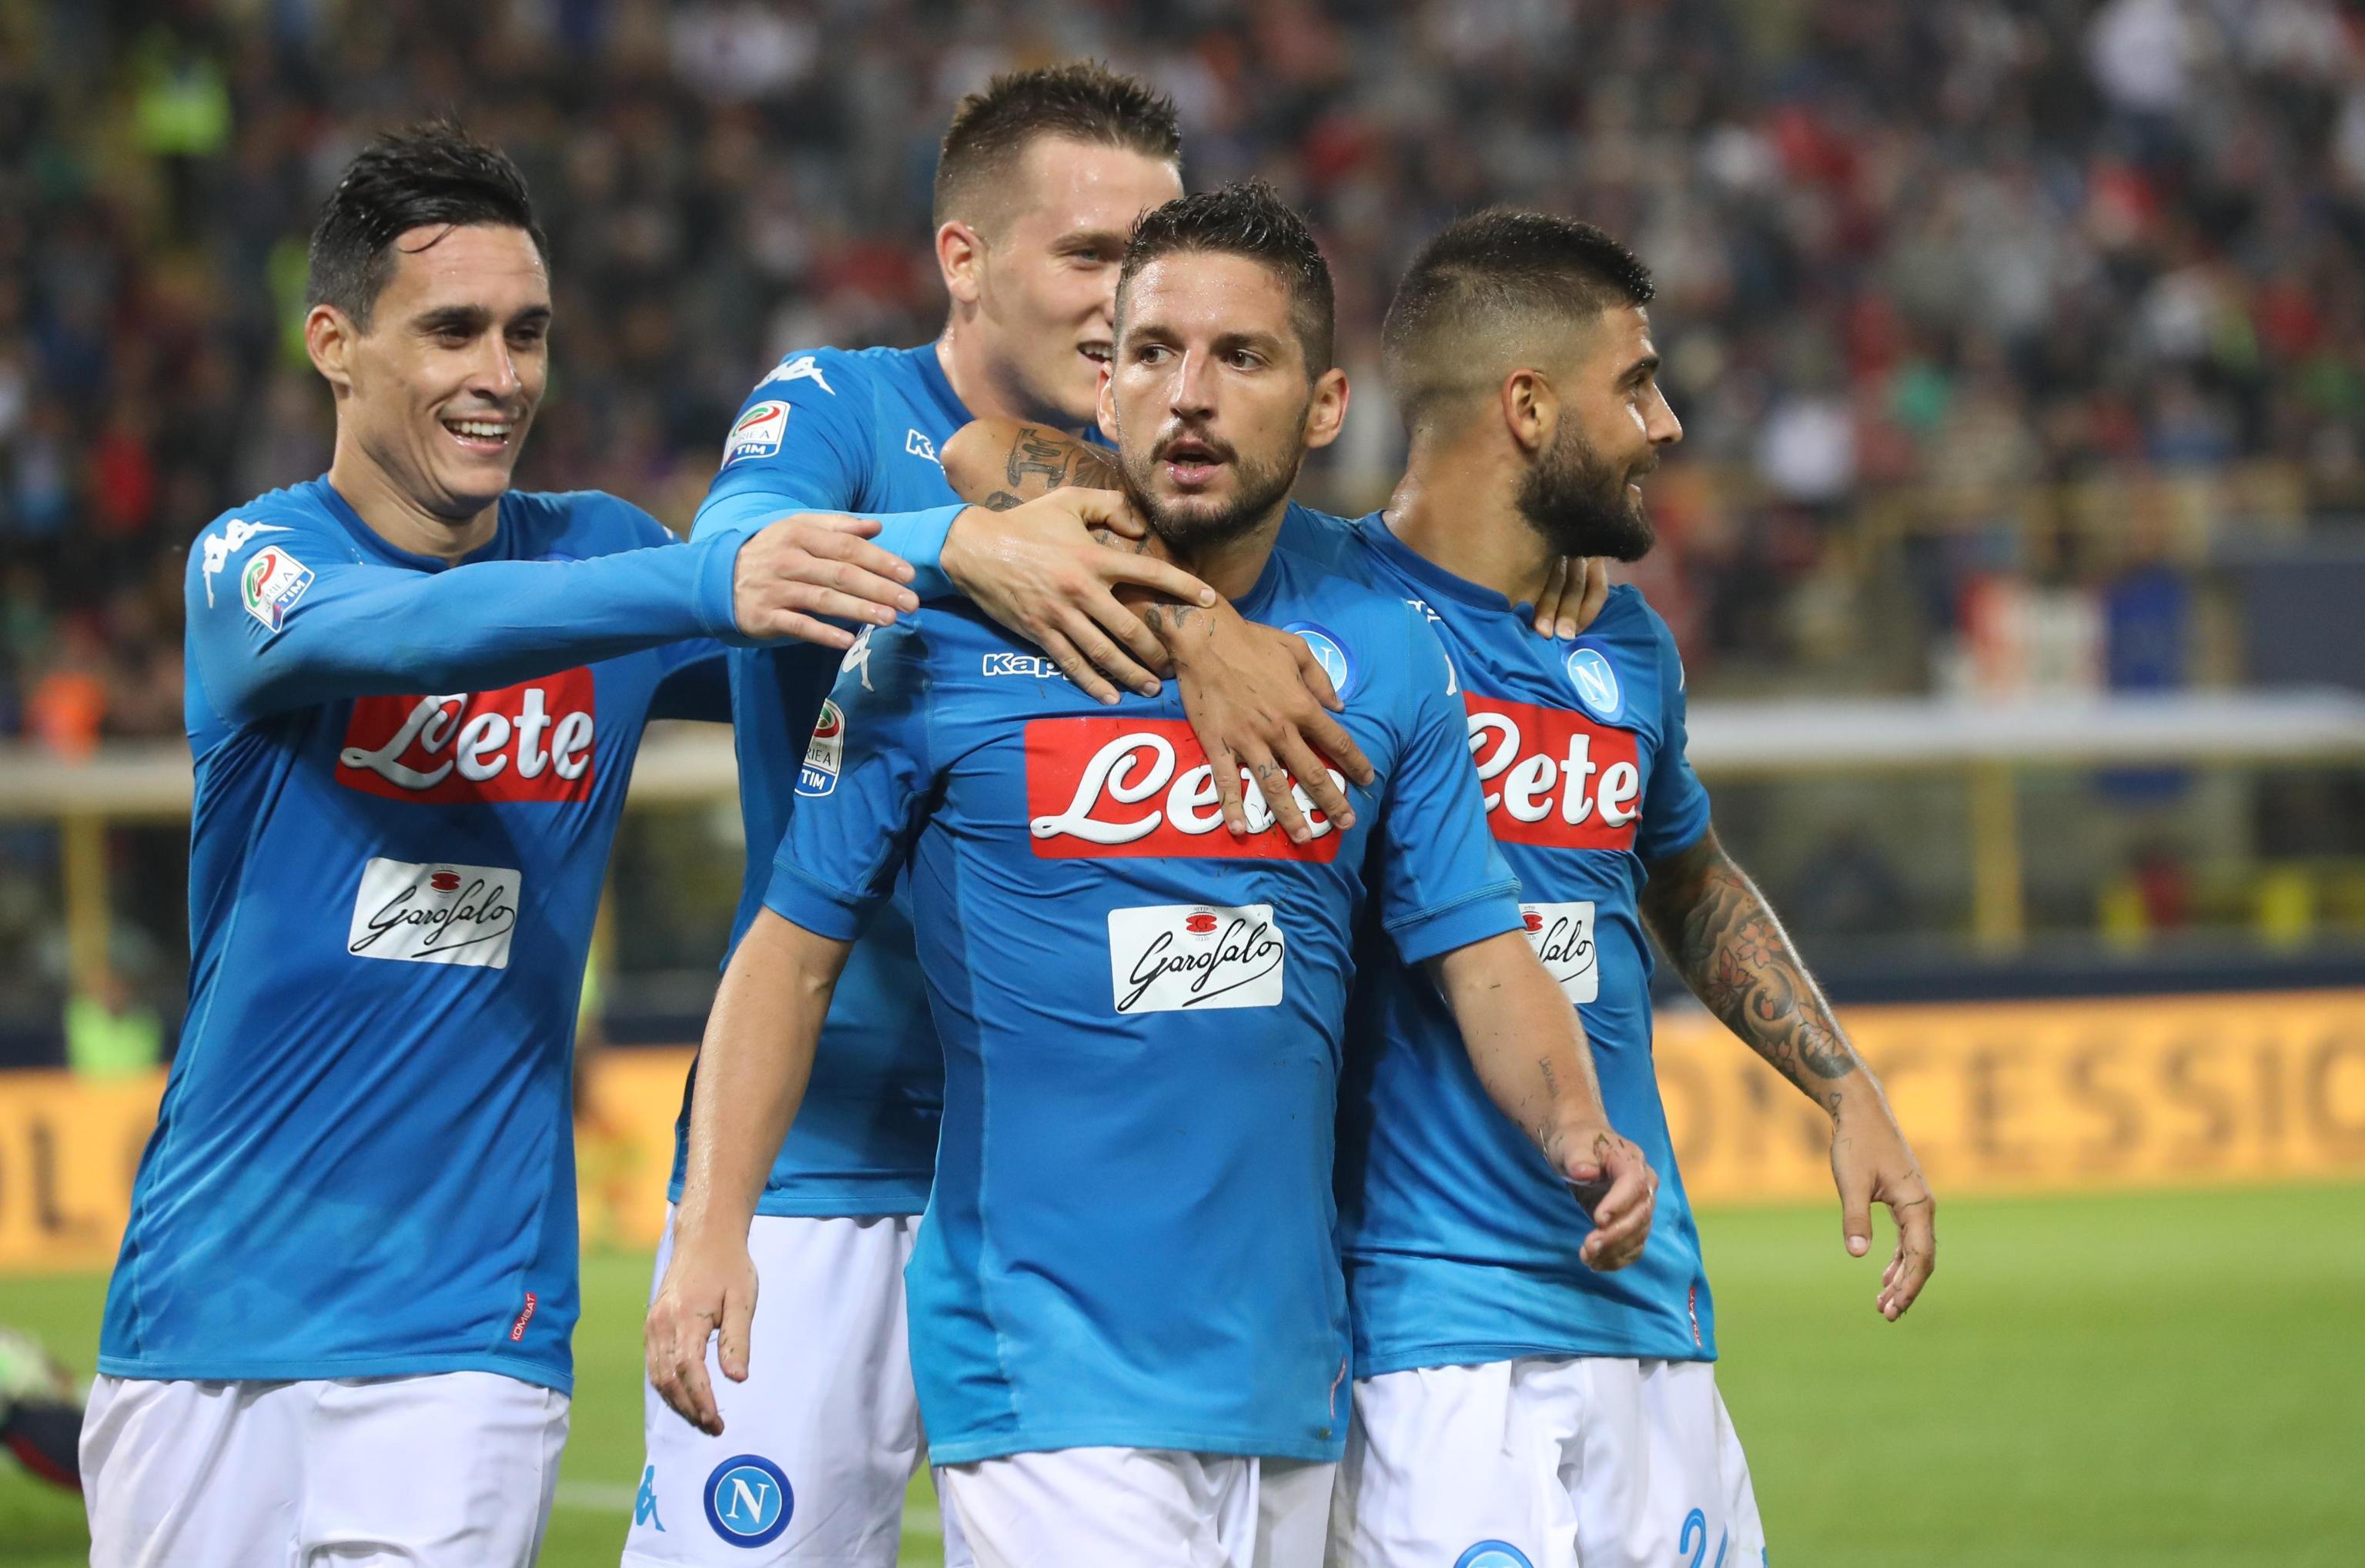 Serie A: Juve, Inter e Napoli in vetta. Milan crolla contro la Lazio